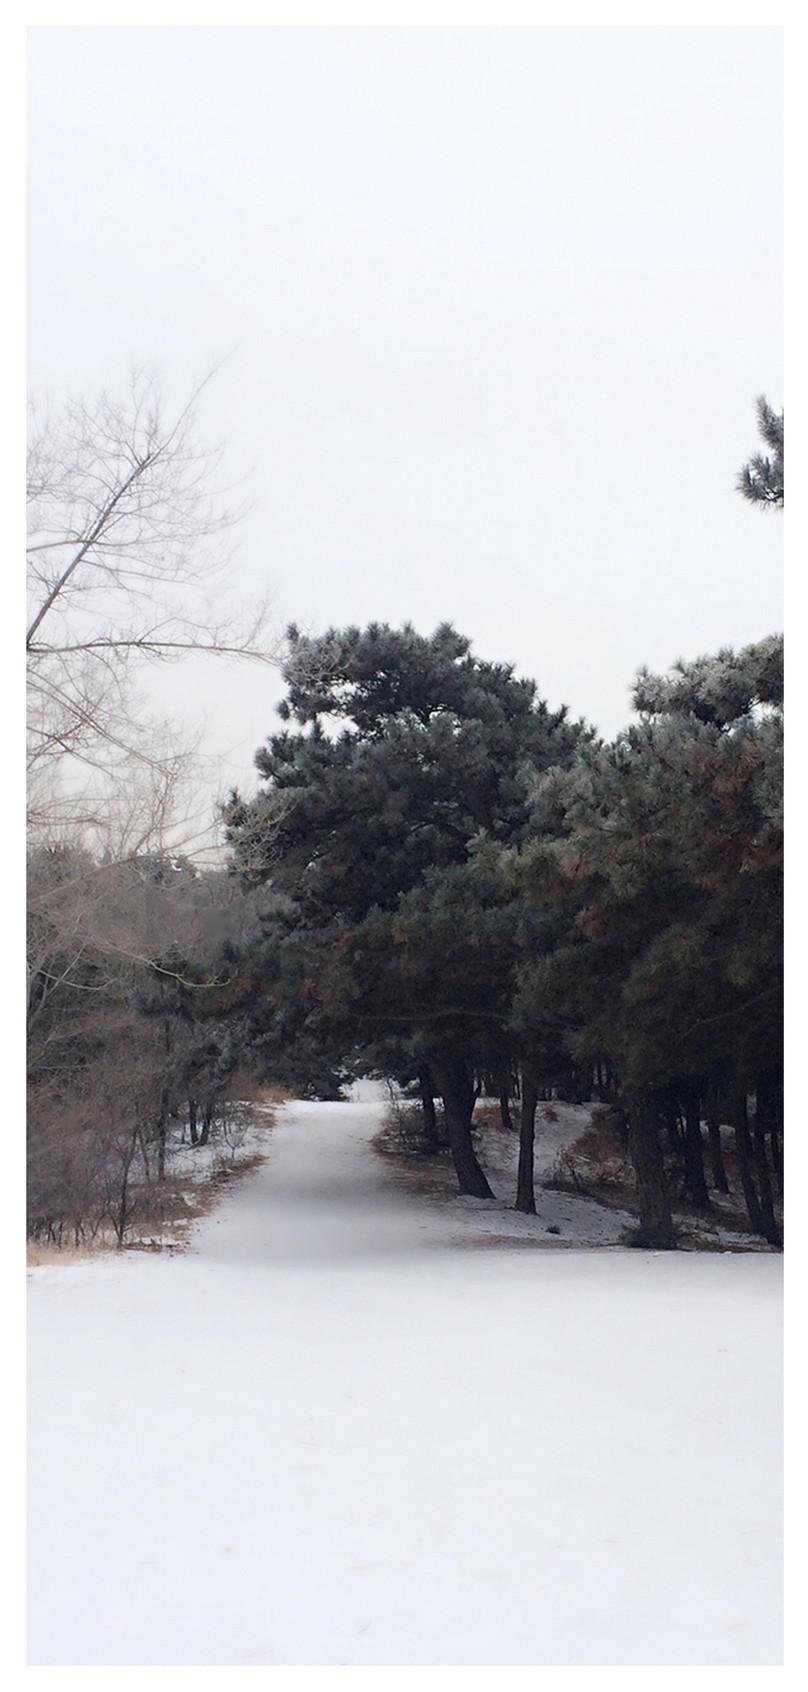 冬の携帯壁紙イメージ 背景 Id 400789988 Prf画像フォーマットjpg Jp